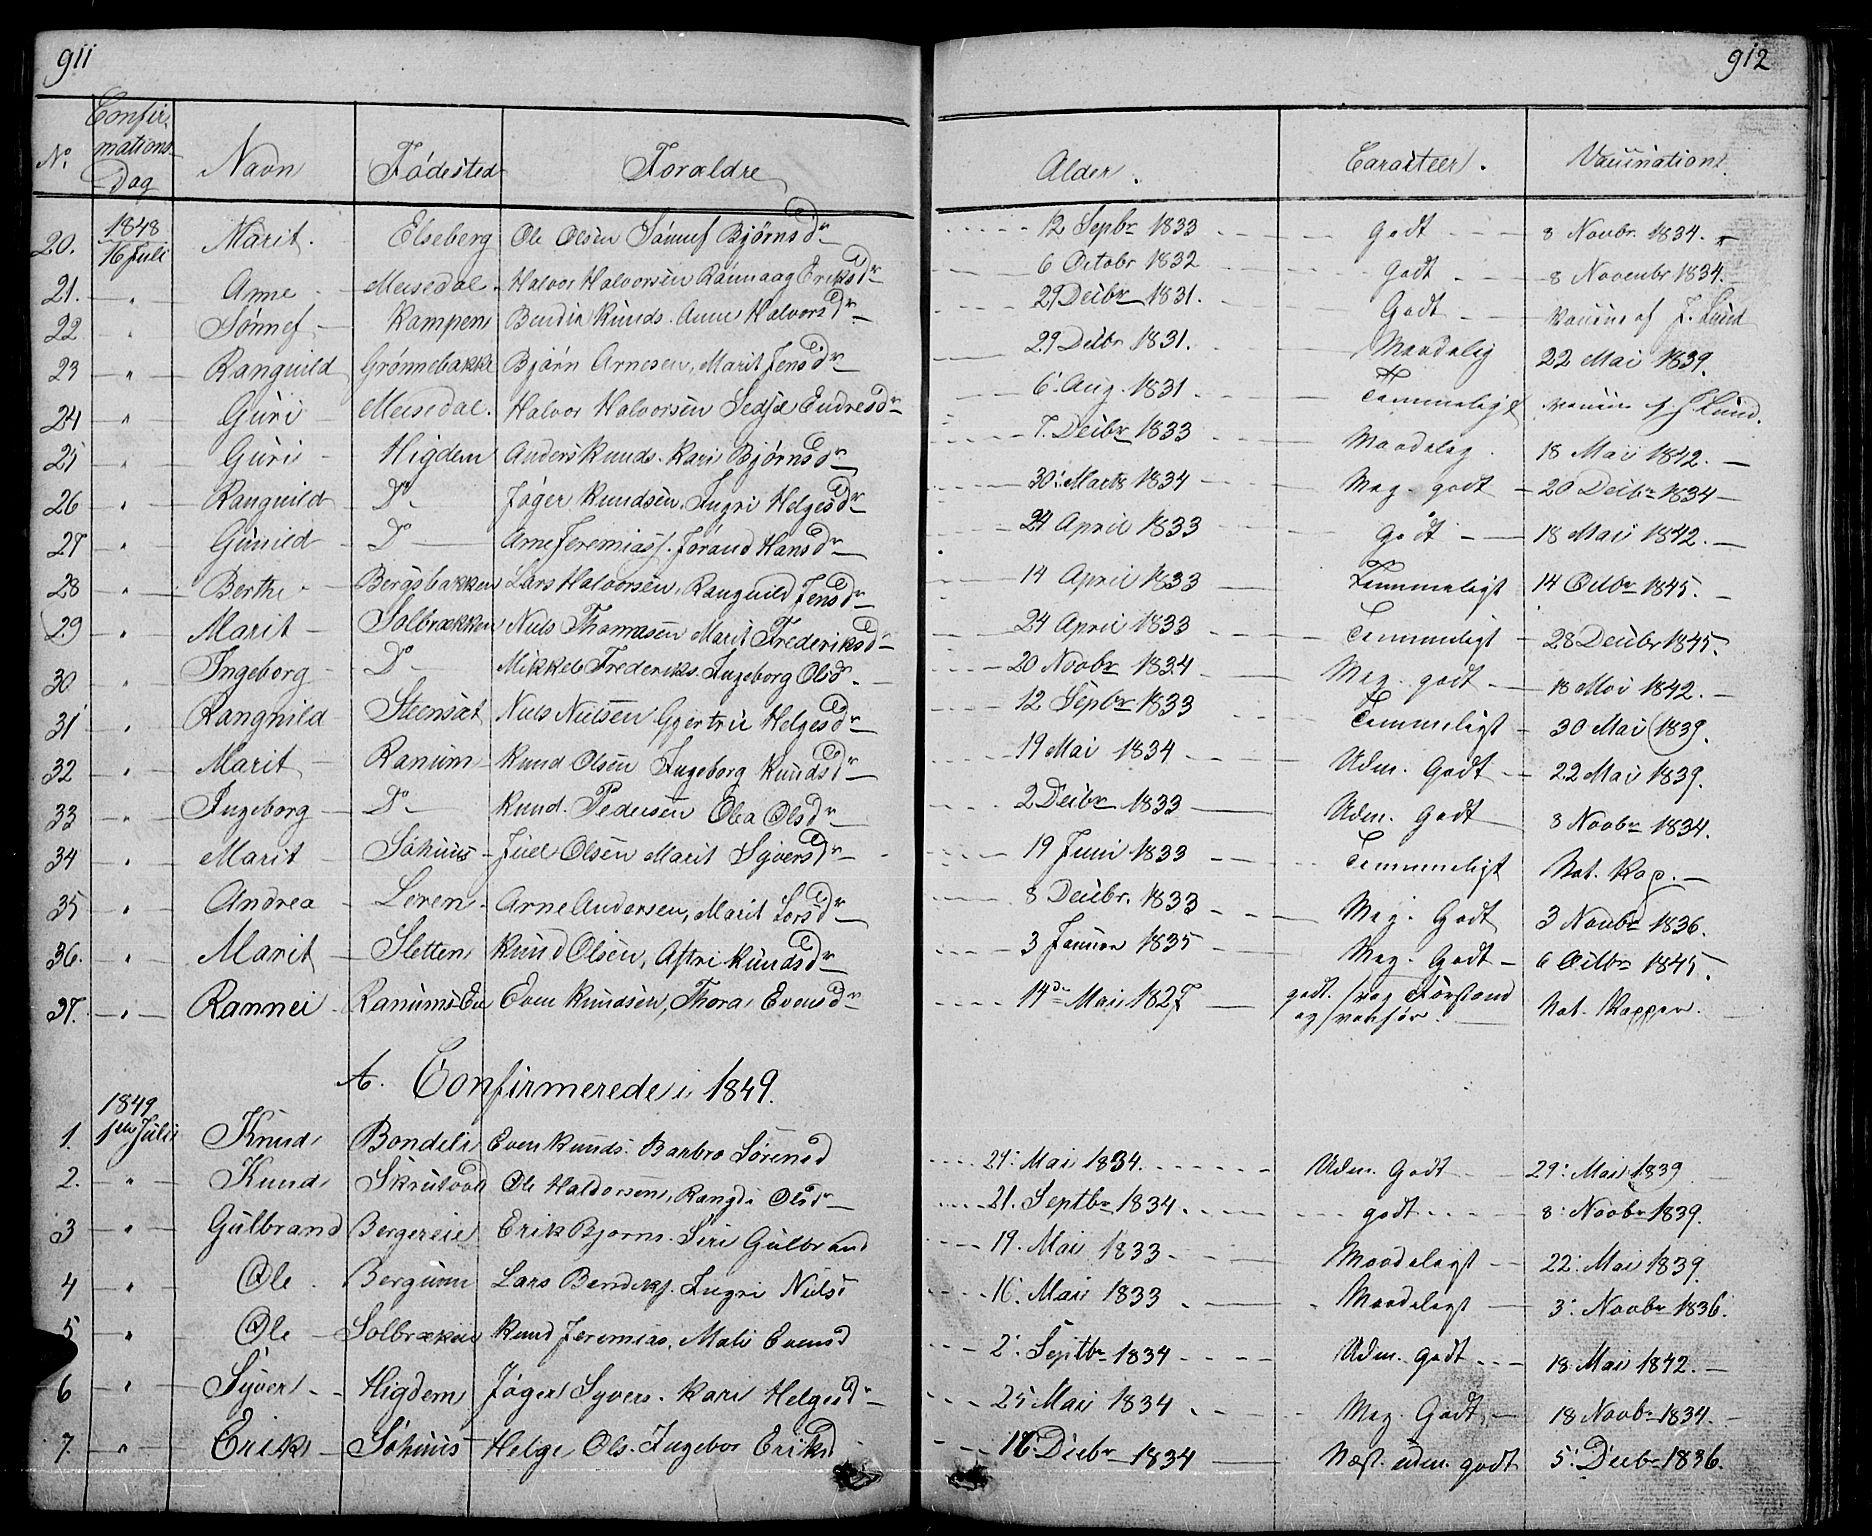 SAH, Nord-Aurdal prestekontor, Klokkerbok nr. 1, 1834-1887, s. 911-912